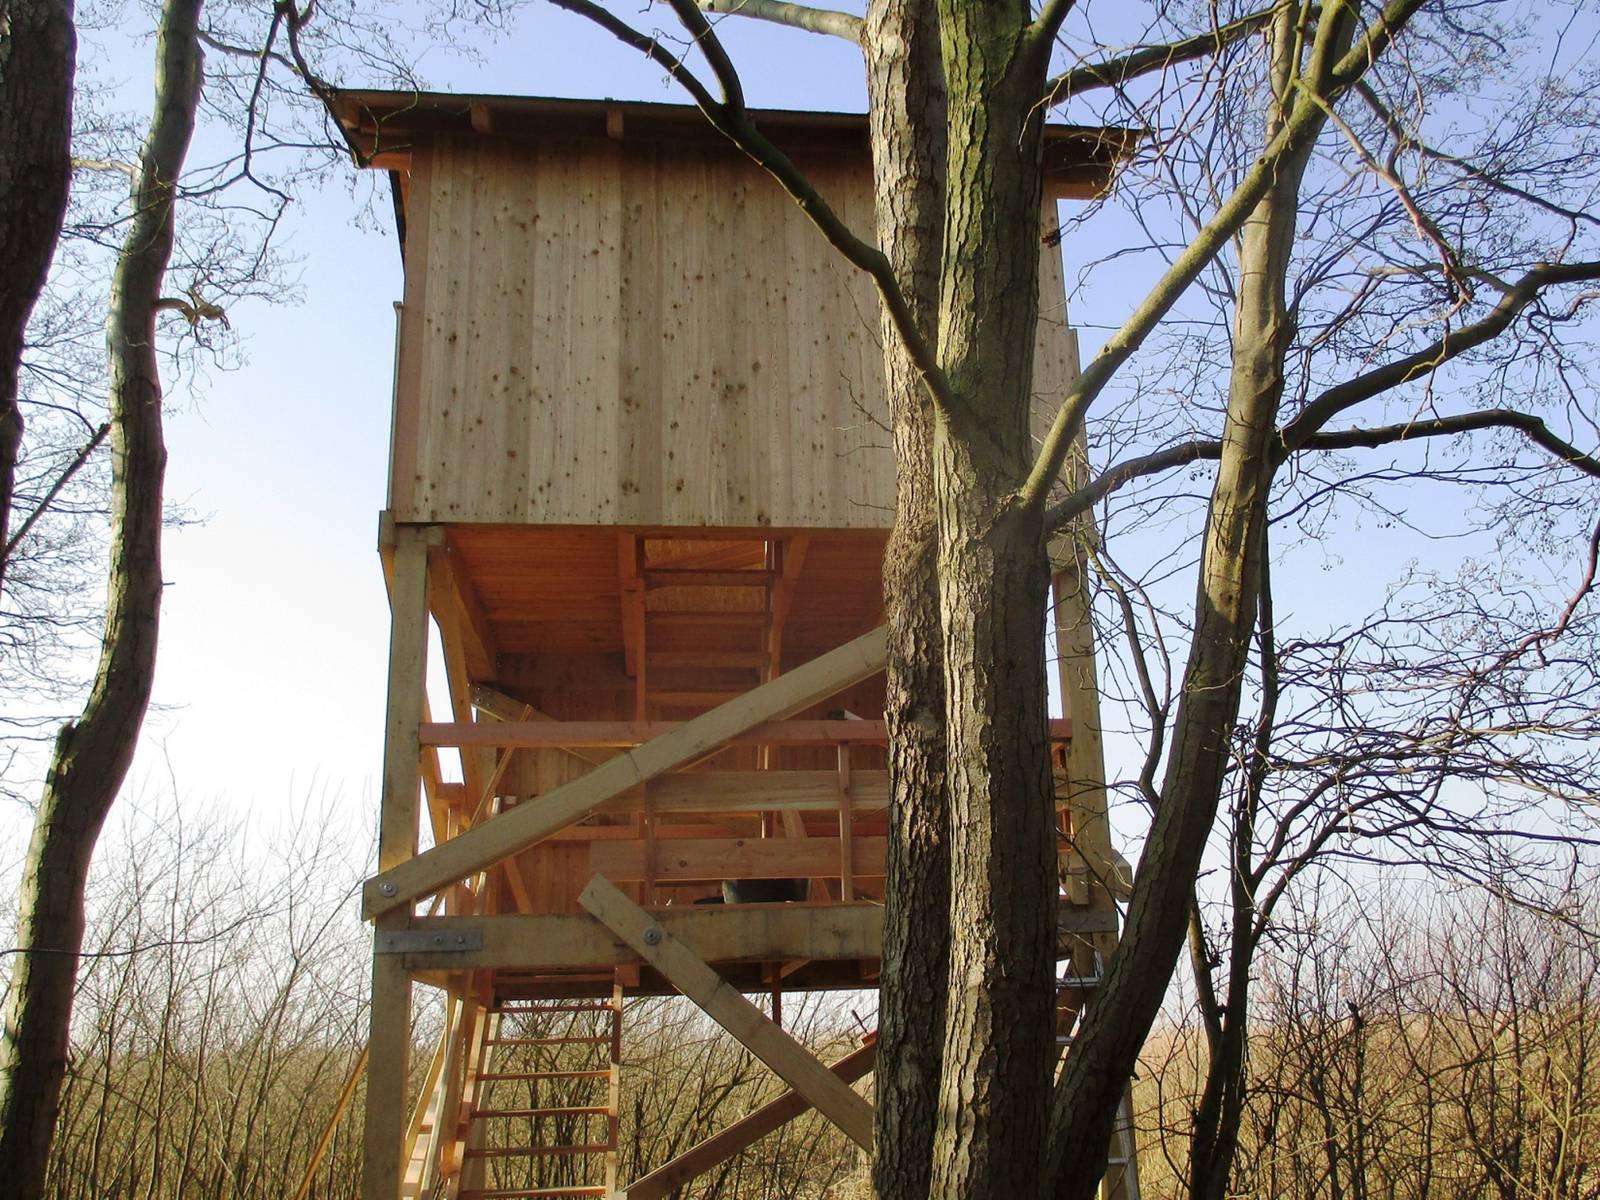 Ein aus hellem Holz gebauter Hochstand zum Beoachten von Tieren